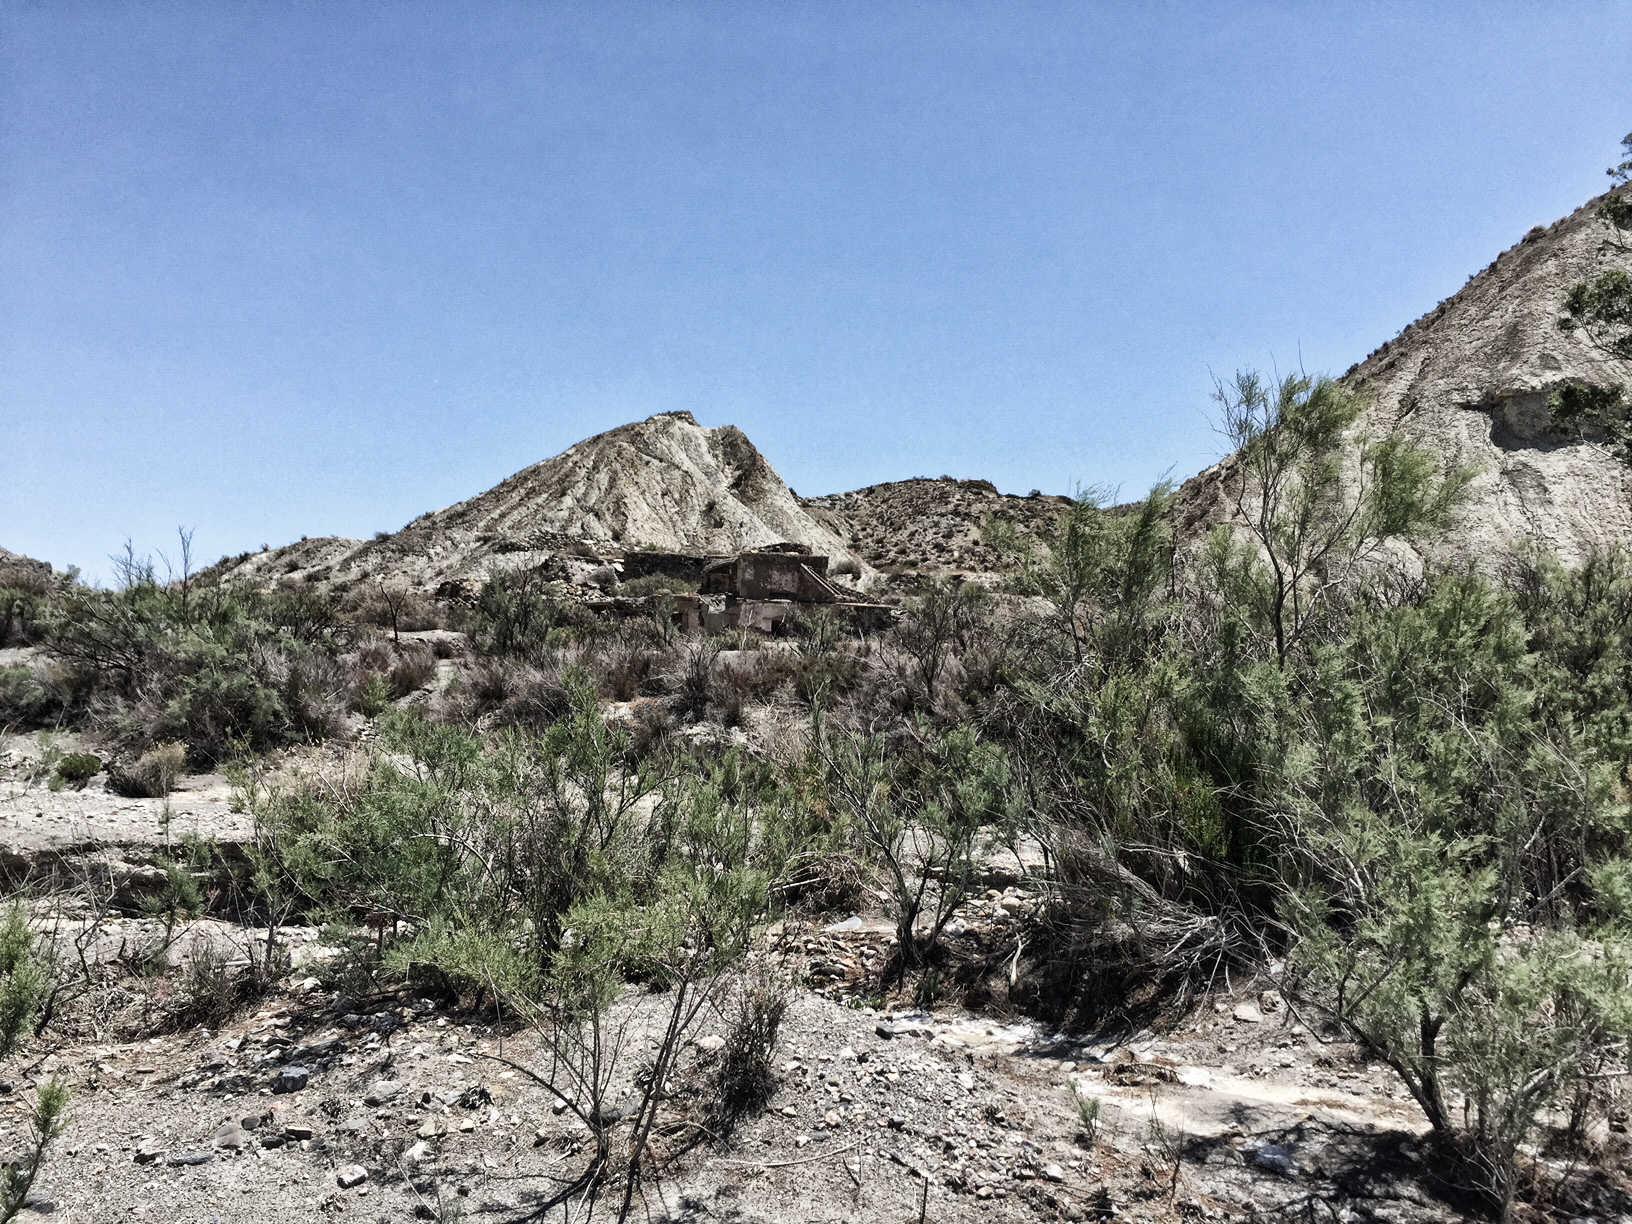 andalusien - Ruine in der Desierto de Tabernas